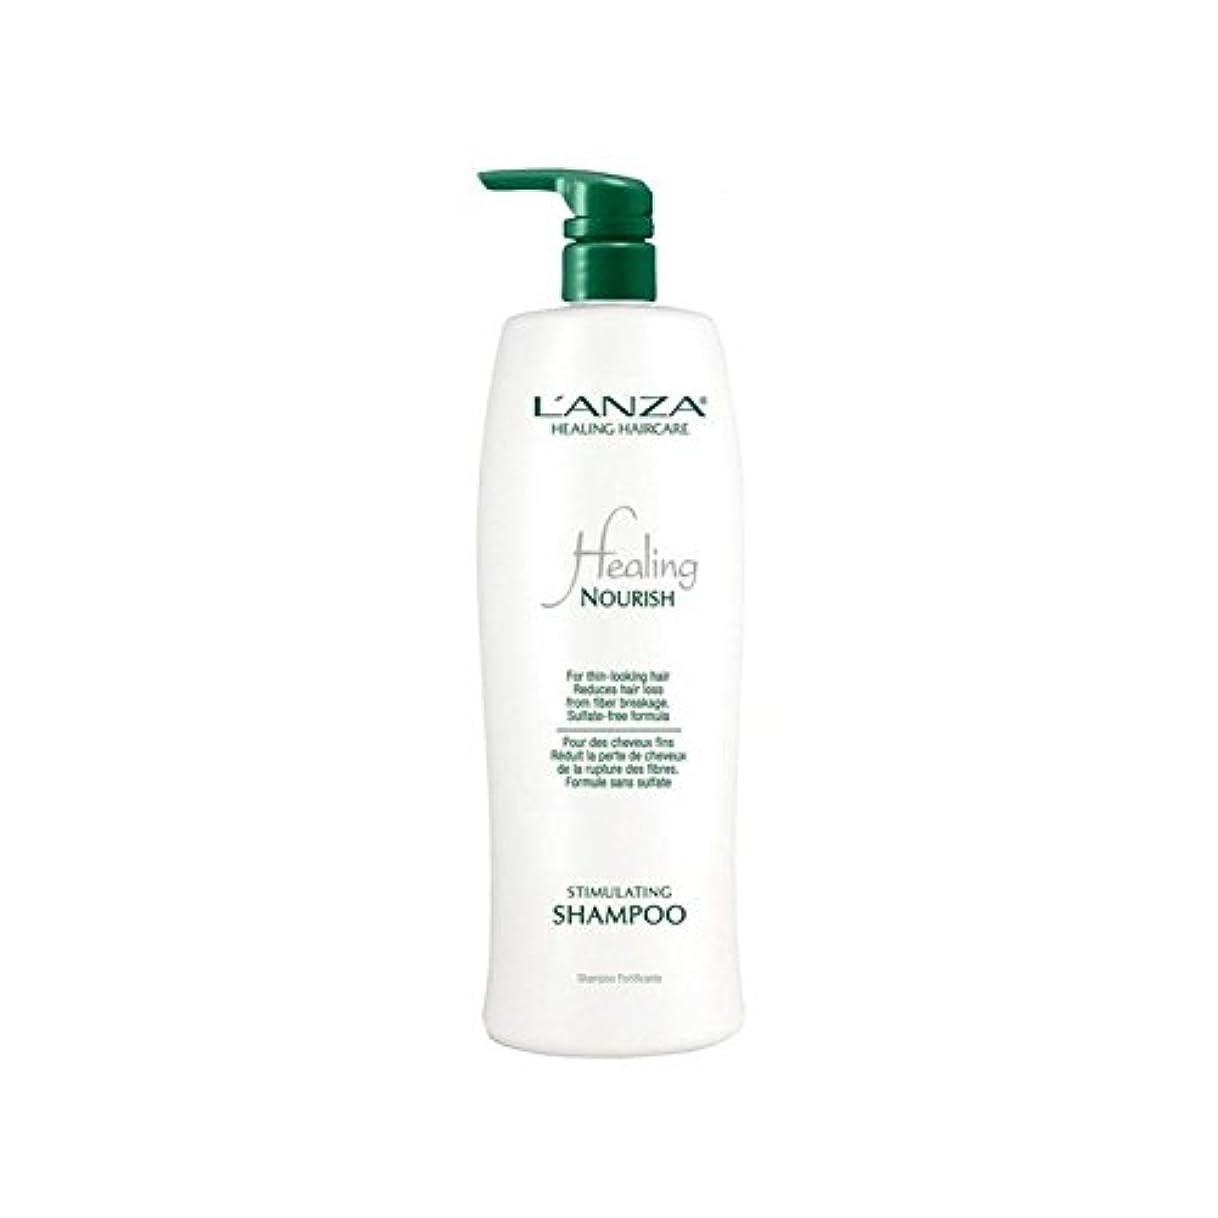 休み冷酷な花輪ランツァ治癒がシャンプー(千ミリリットル)を刺激する栄養を与えます x2 - Lanza Healing Nourish Stimulating Shampoo (1000ml) (Pack of 2) [並行輸入品]